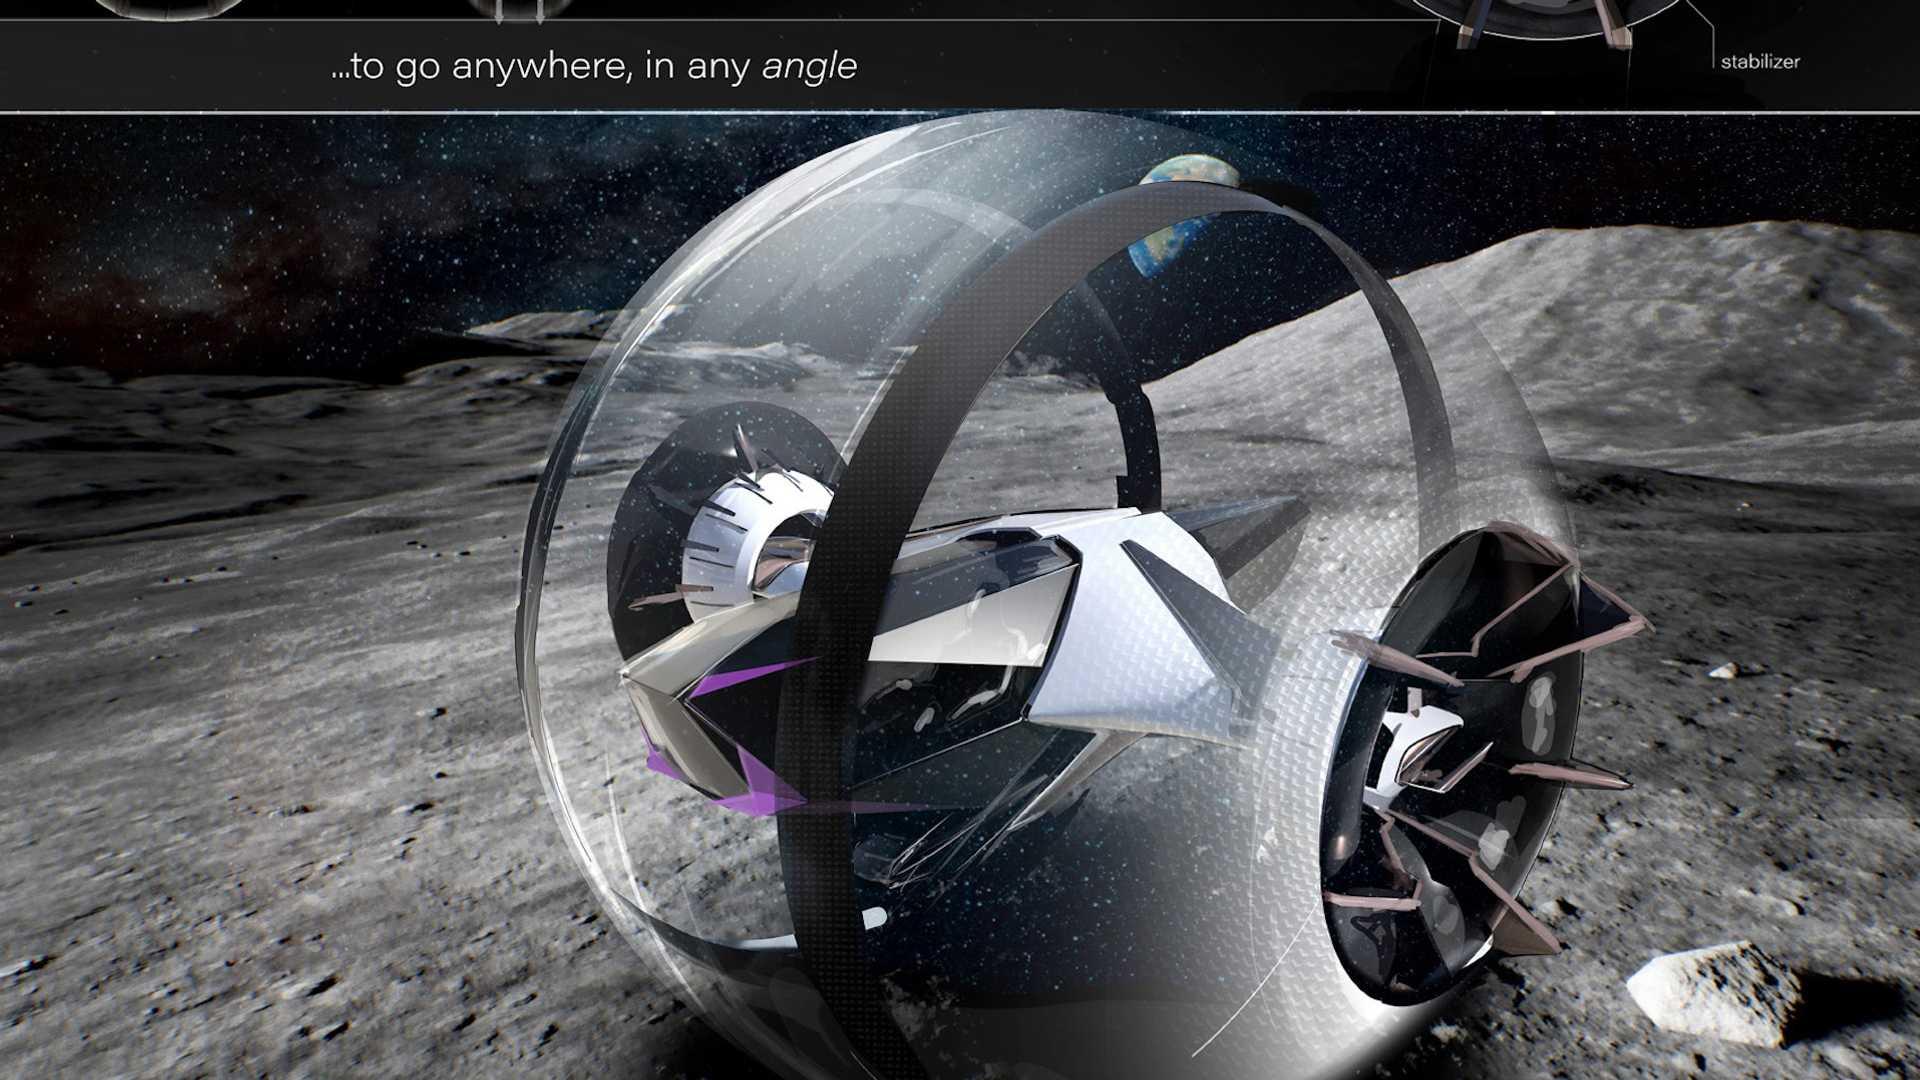 Lexus-Moon-Mobility-Concepts-1